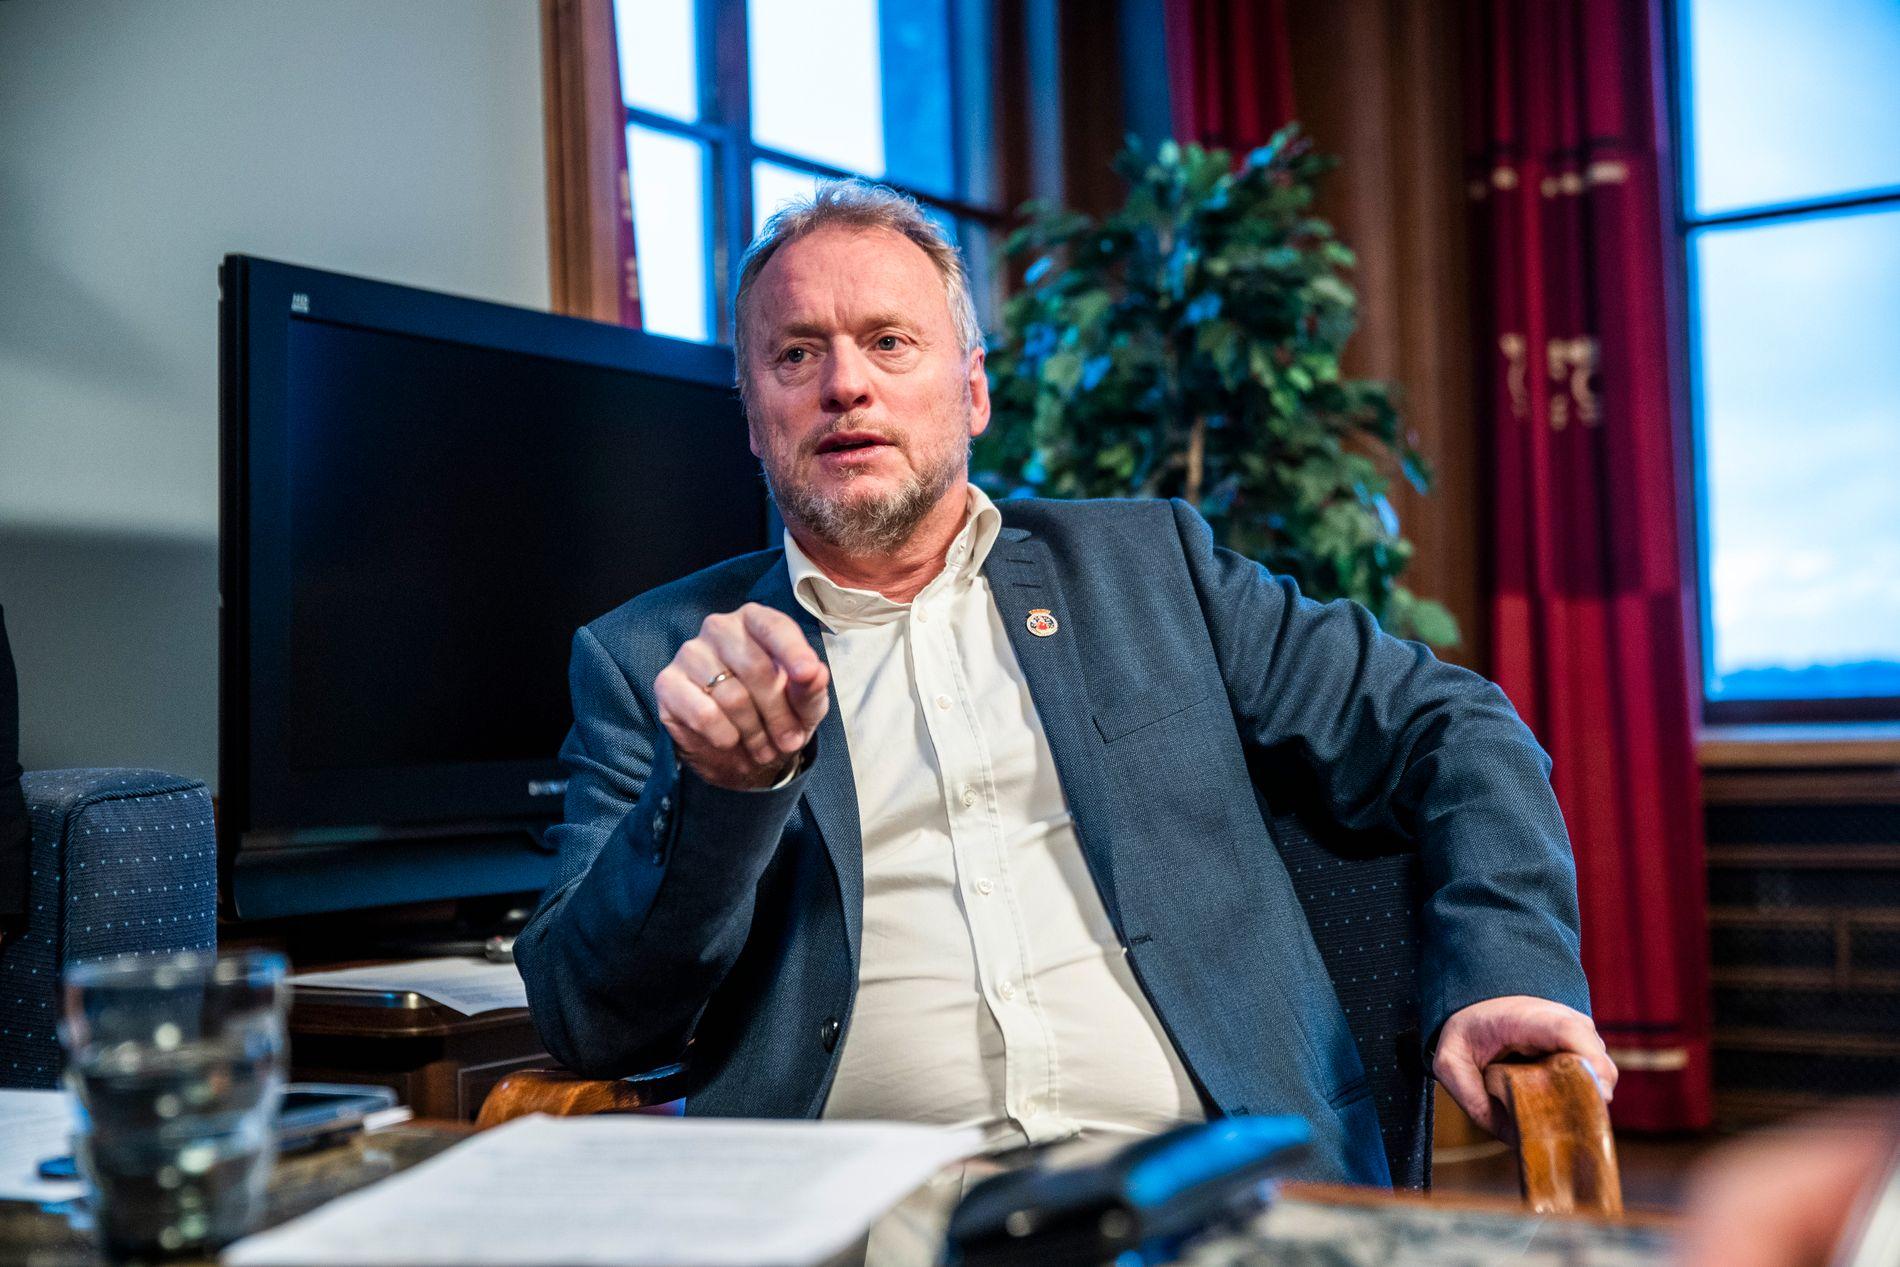 KONKLUDERTE: Byrådsleder Raymond Johansen (Ap) i Oslo gikk fredag grundig gjennom faktainnhentingen og konklusjonen i varslingssaken mot byråd Inga Marte Thorkildsen. Han konkluderte med at han fortsatt har tillit til SV-byråden.